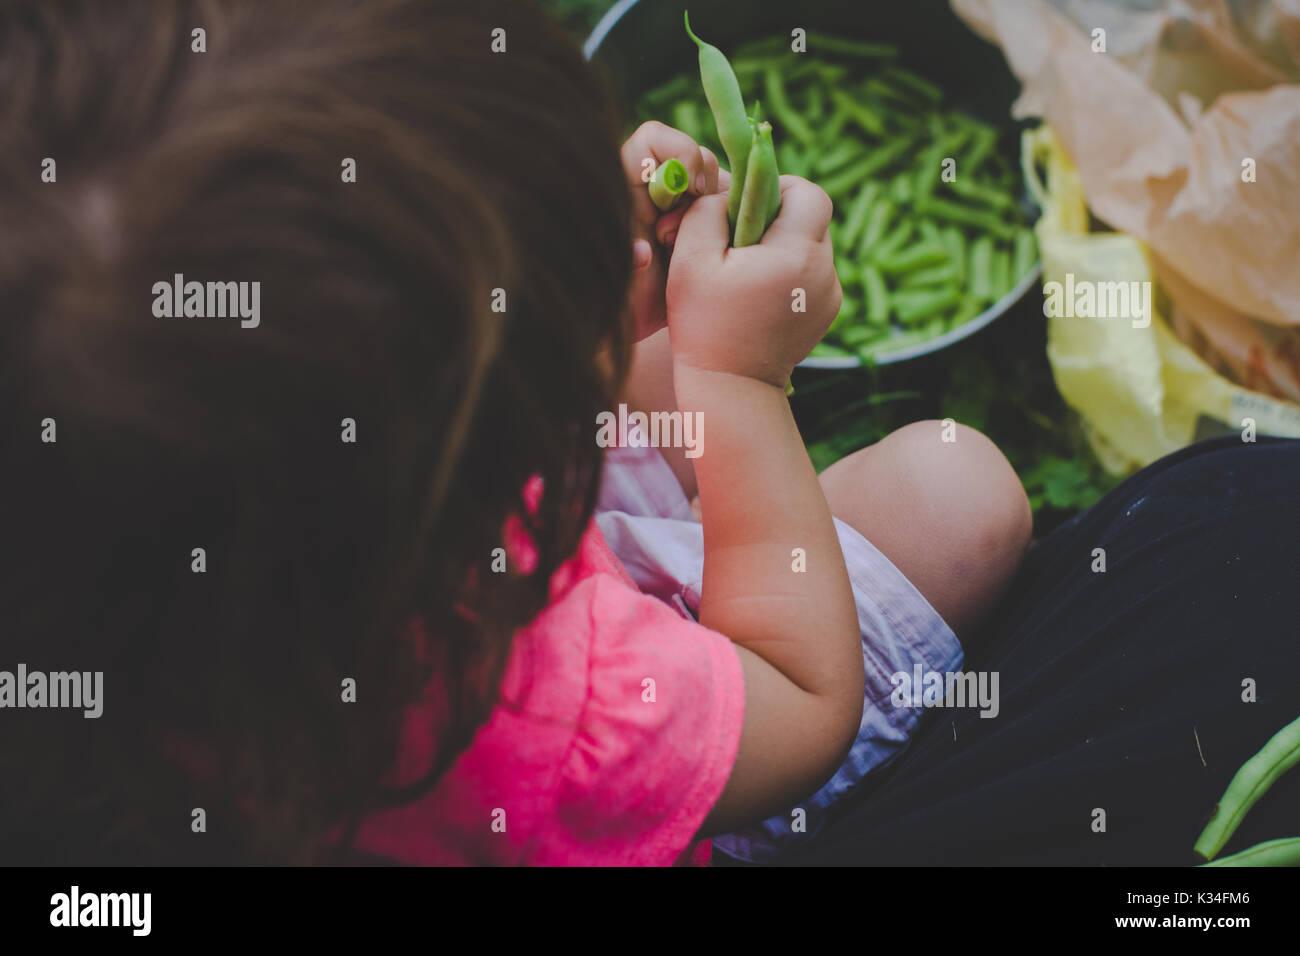 Ragazza giovane scatta fagiolini freschi. Foto Stock